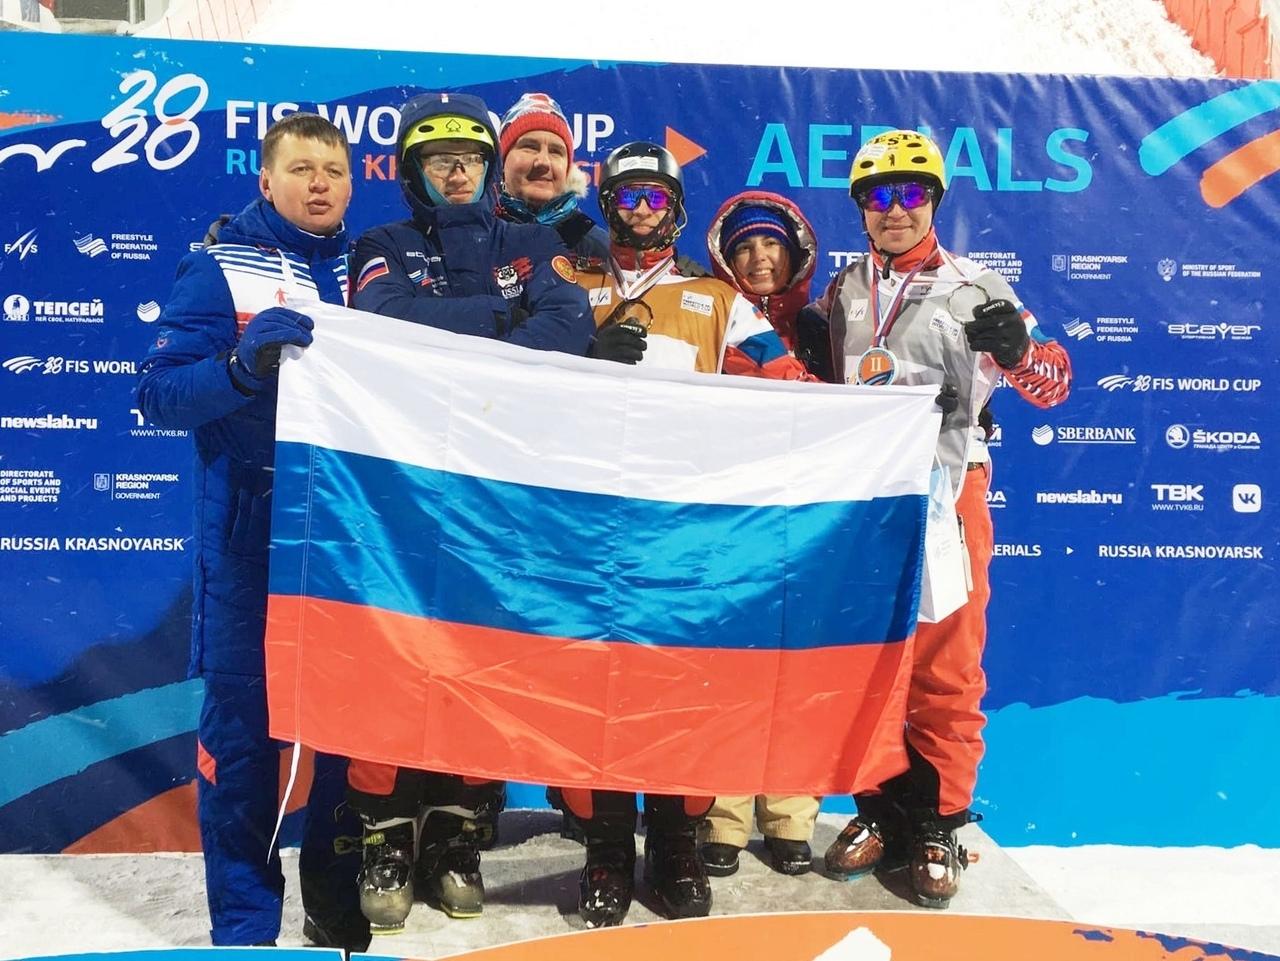 Ярославец стал серебряным призером Кубка мира по фристайлу